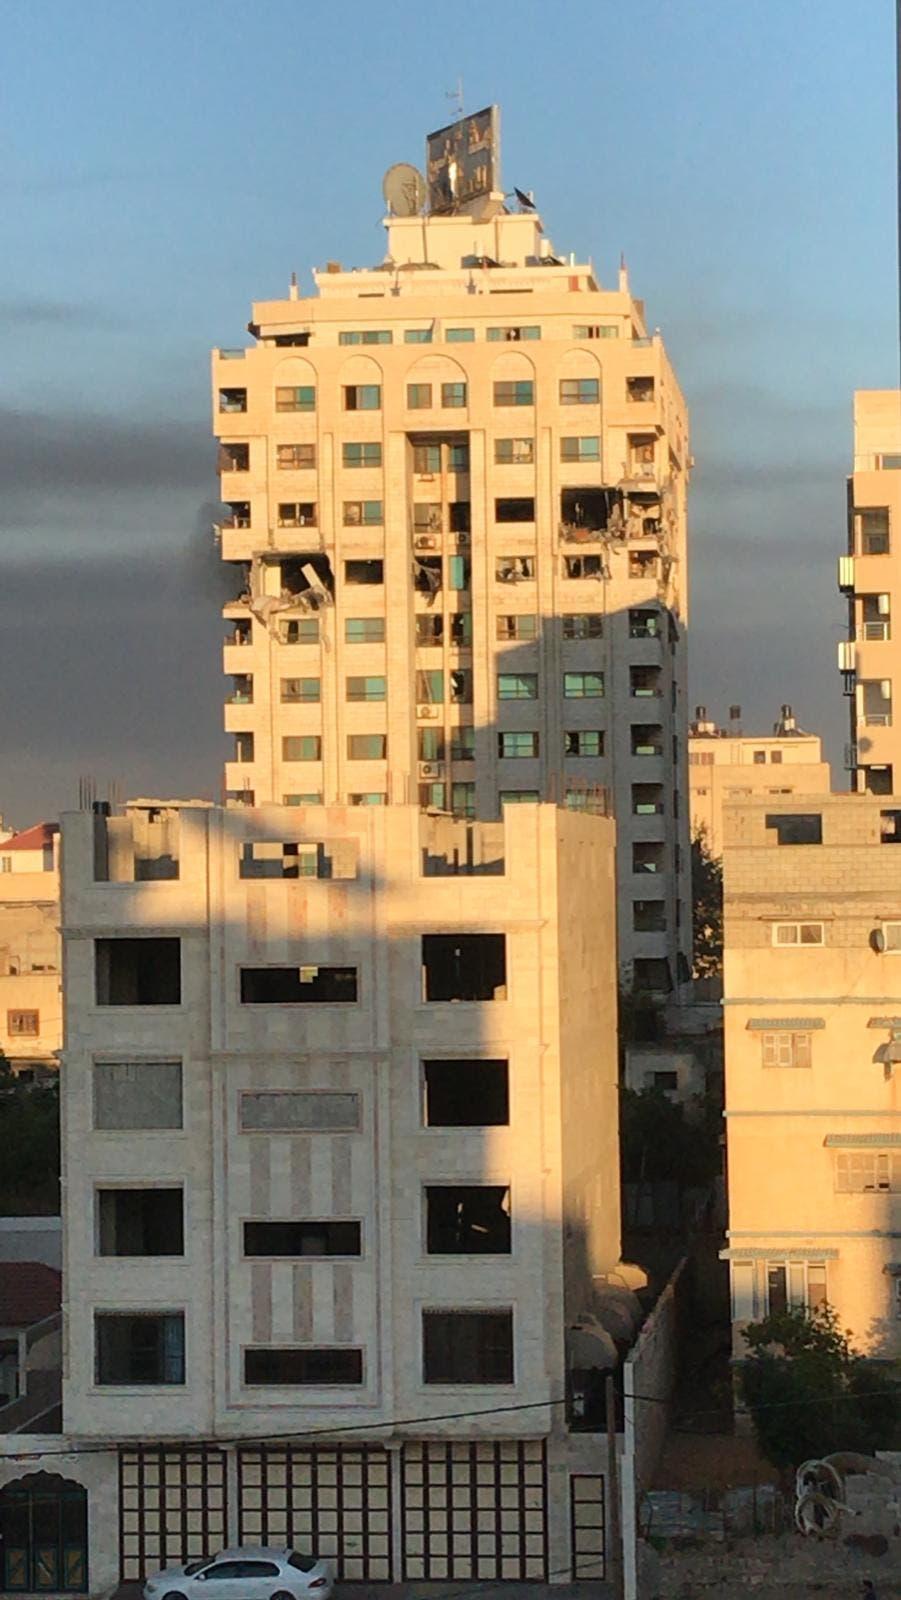 برج مشتهى بعد استهدافه بقصف تحذيري